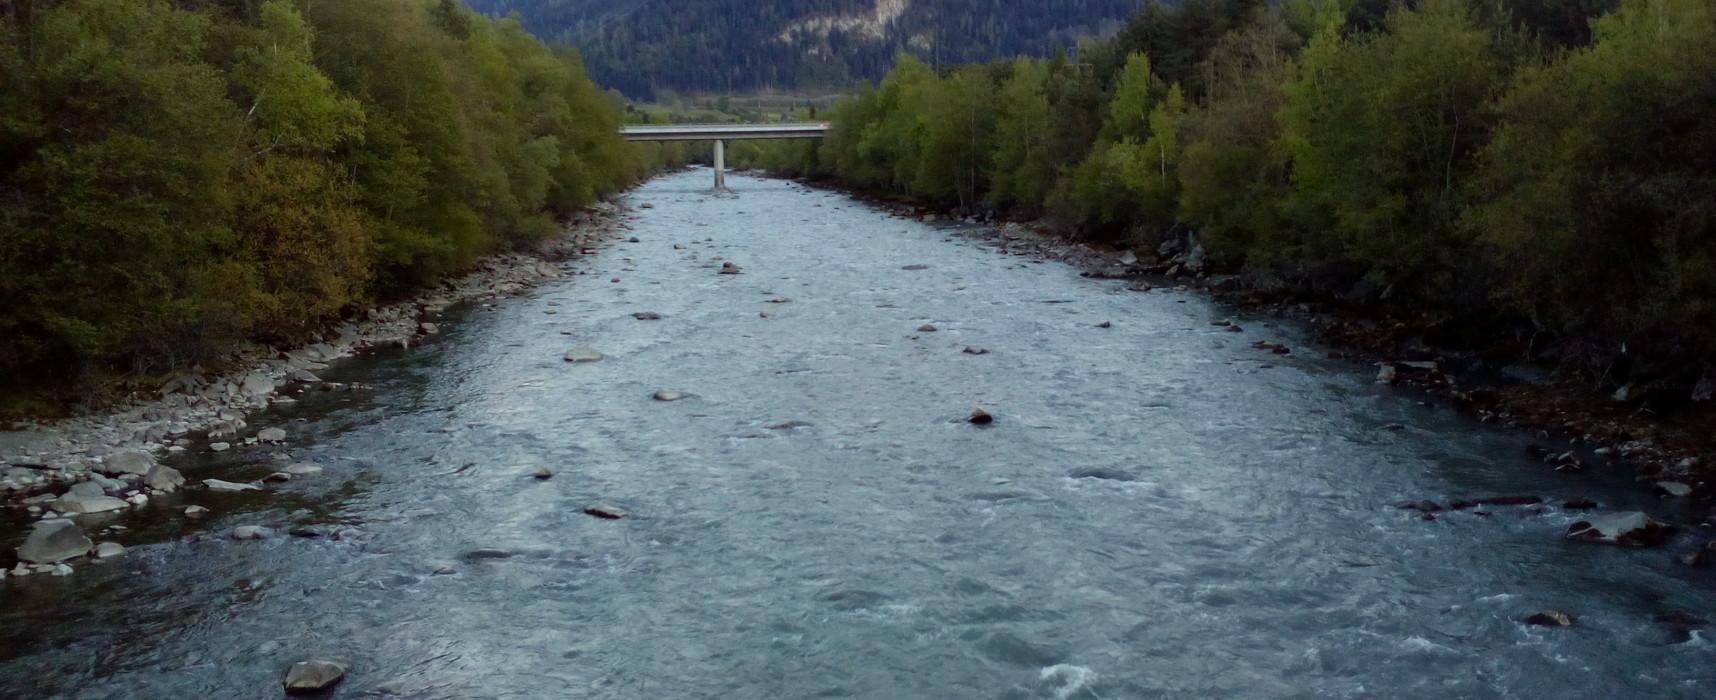 Cazis, Anschluß Rothenbrunnen / A13: